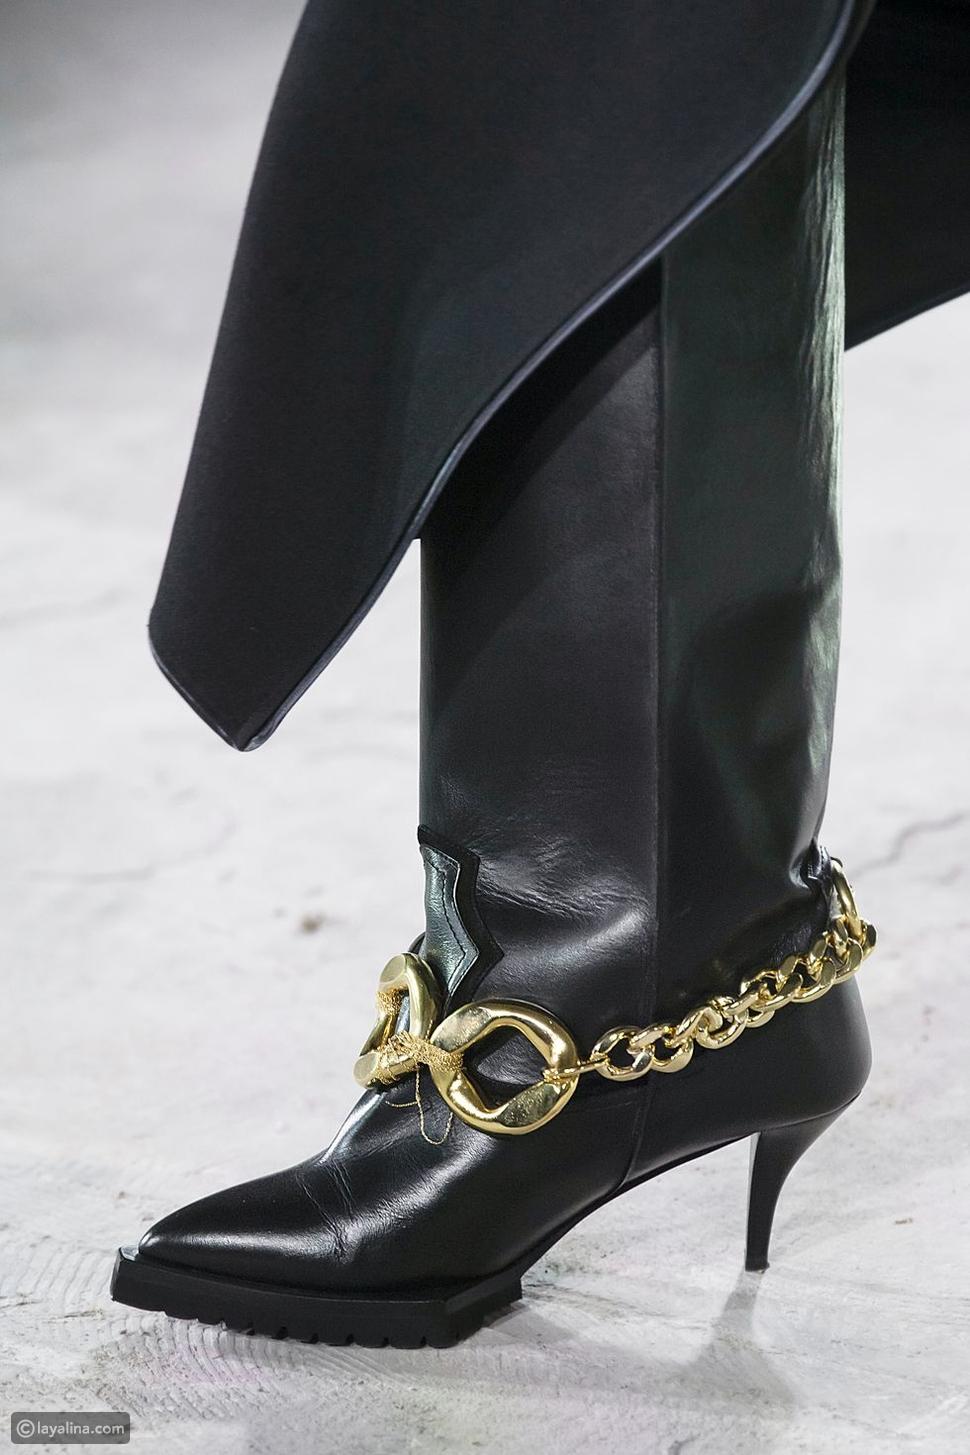 أحذية مزينة بالسلاسلChain Details